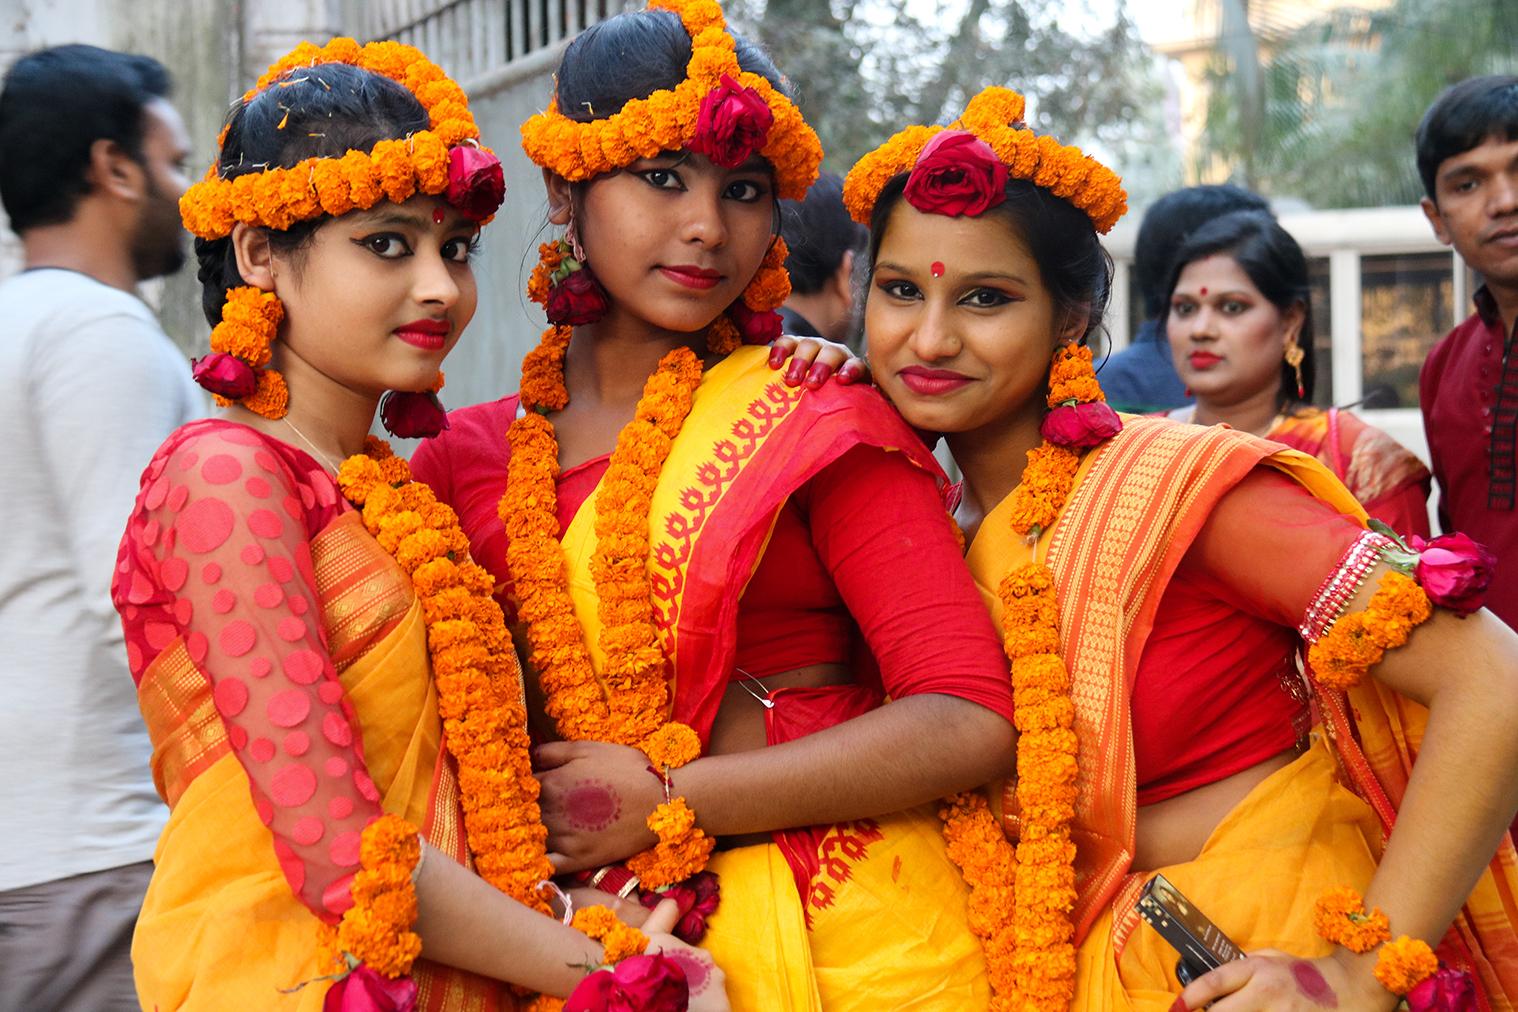 Dievčiny počas bengálskeho sviatku Pohela Falgun